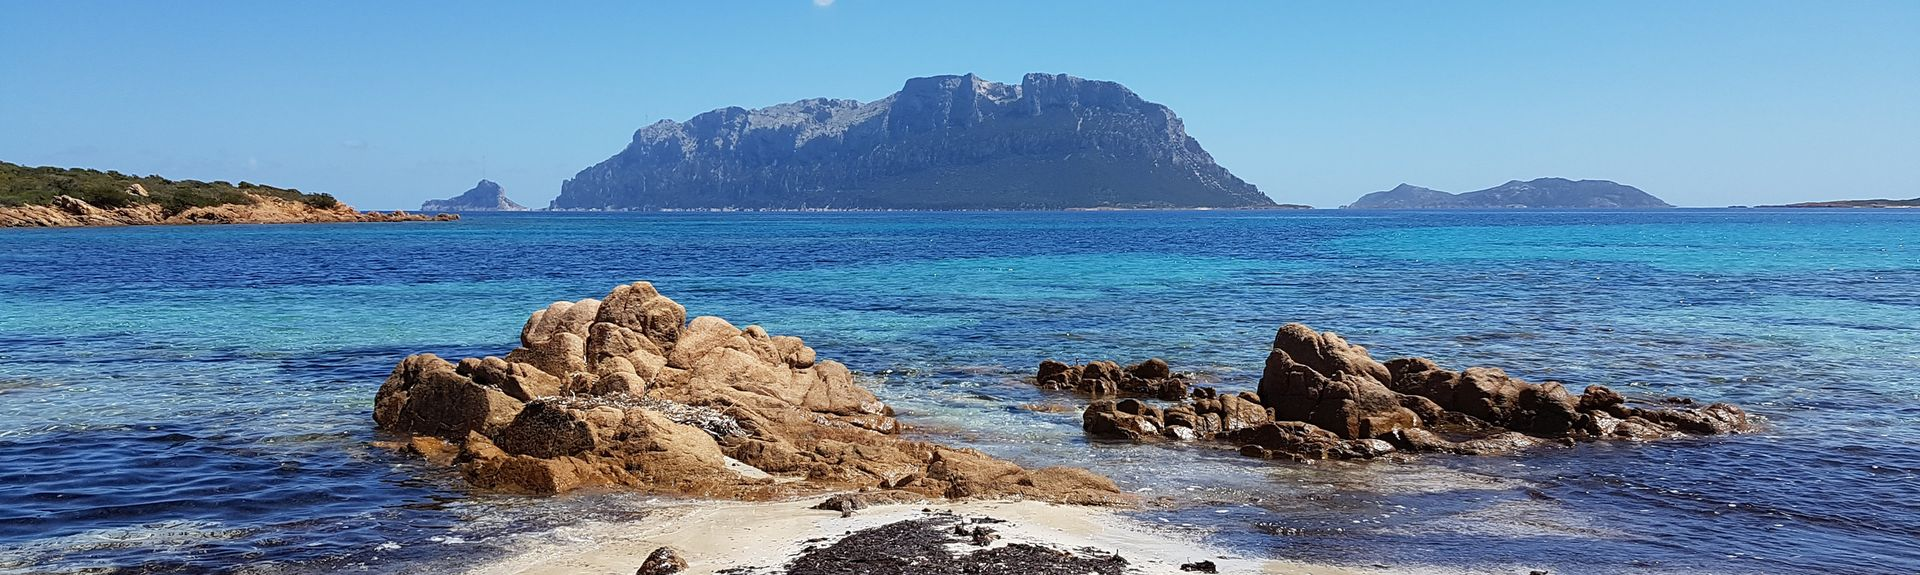 Golfo Aranci, Sardynia, Włochy